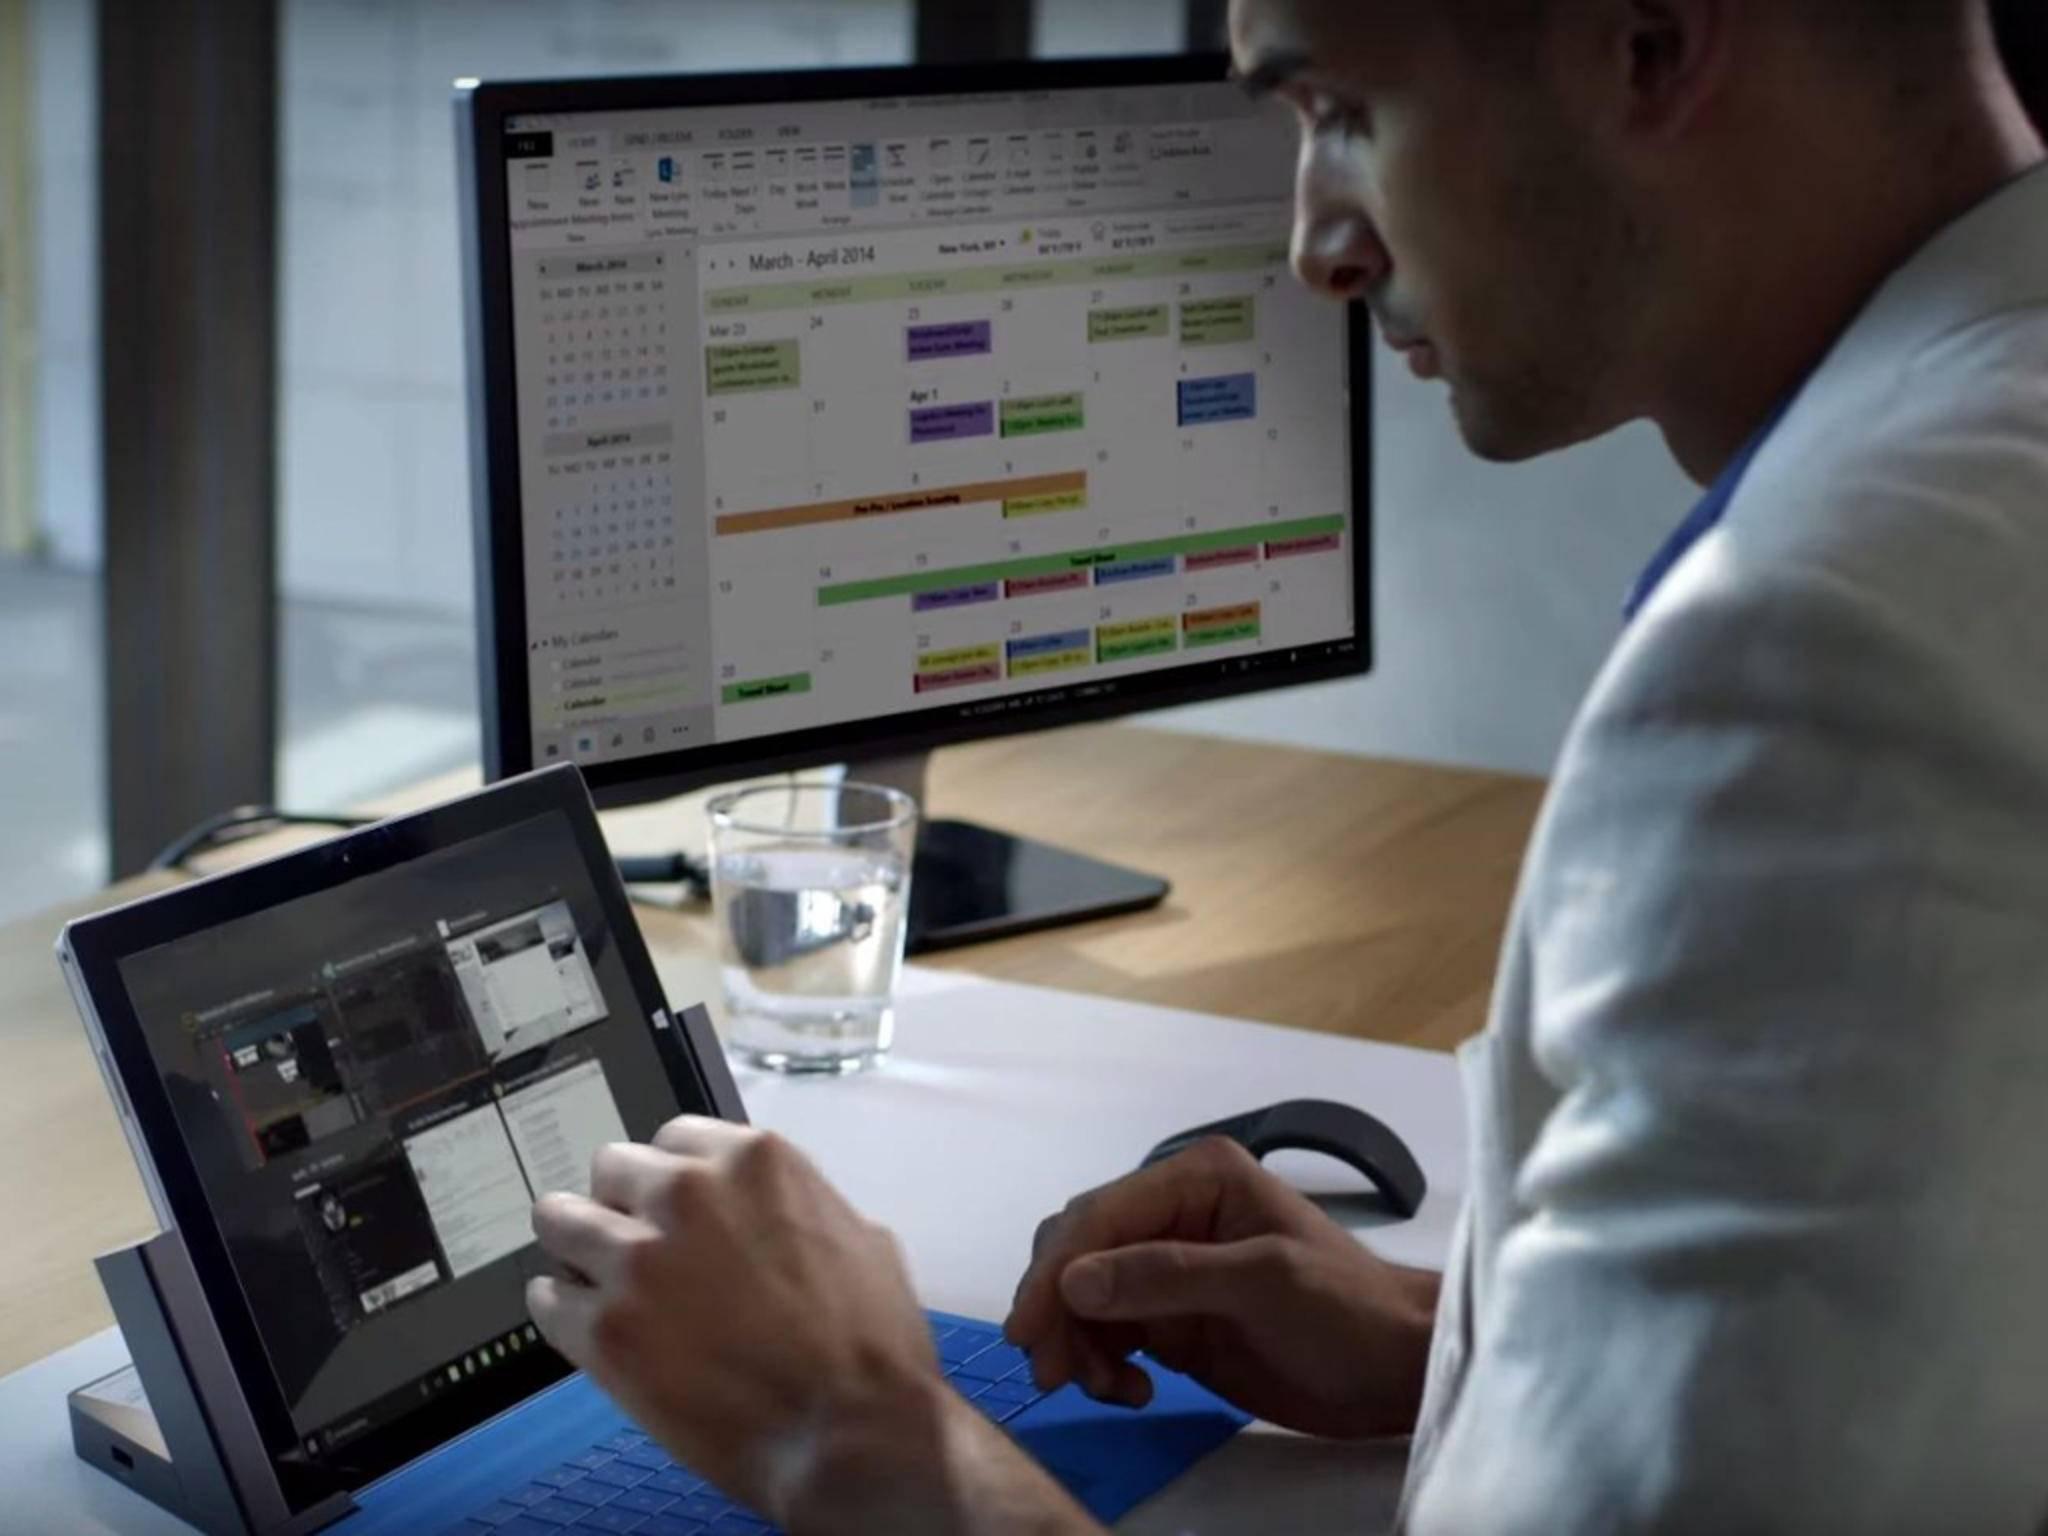 Das kostenlose Upgrade auf Windows 10 kann binnen 30 Tagen rückgängig gemacht werden.